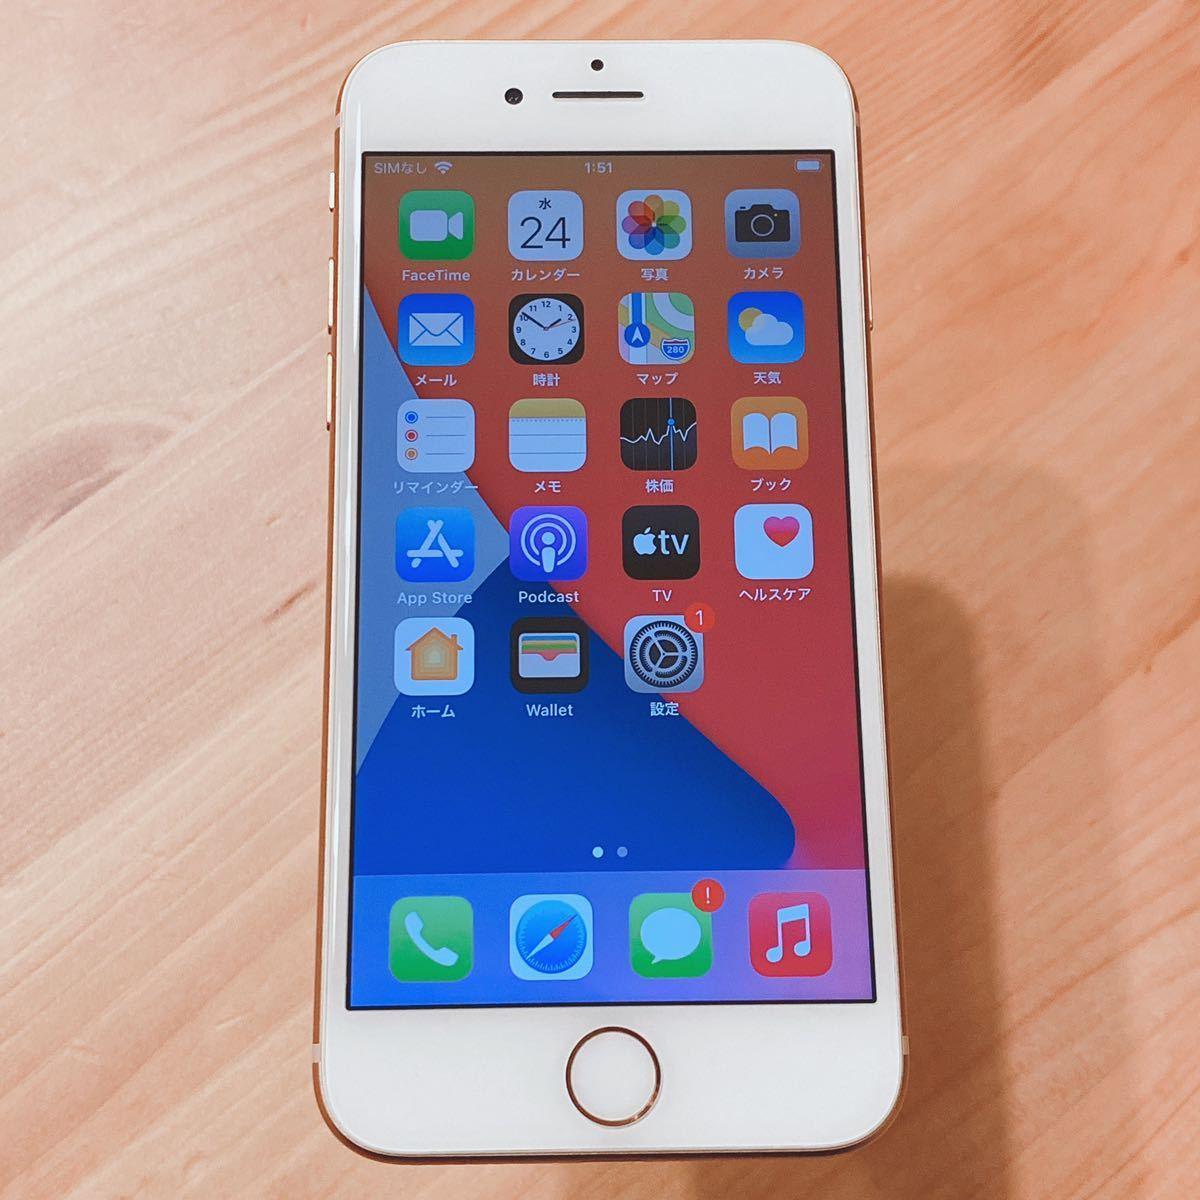 ★7683★ほぼ新品 iPhone8 SIMフリー 64GB ゴールド バッテリー最大容量100%(Apple純正)付属品あり docomo SoftBank au 美品 即決OK